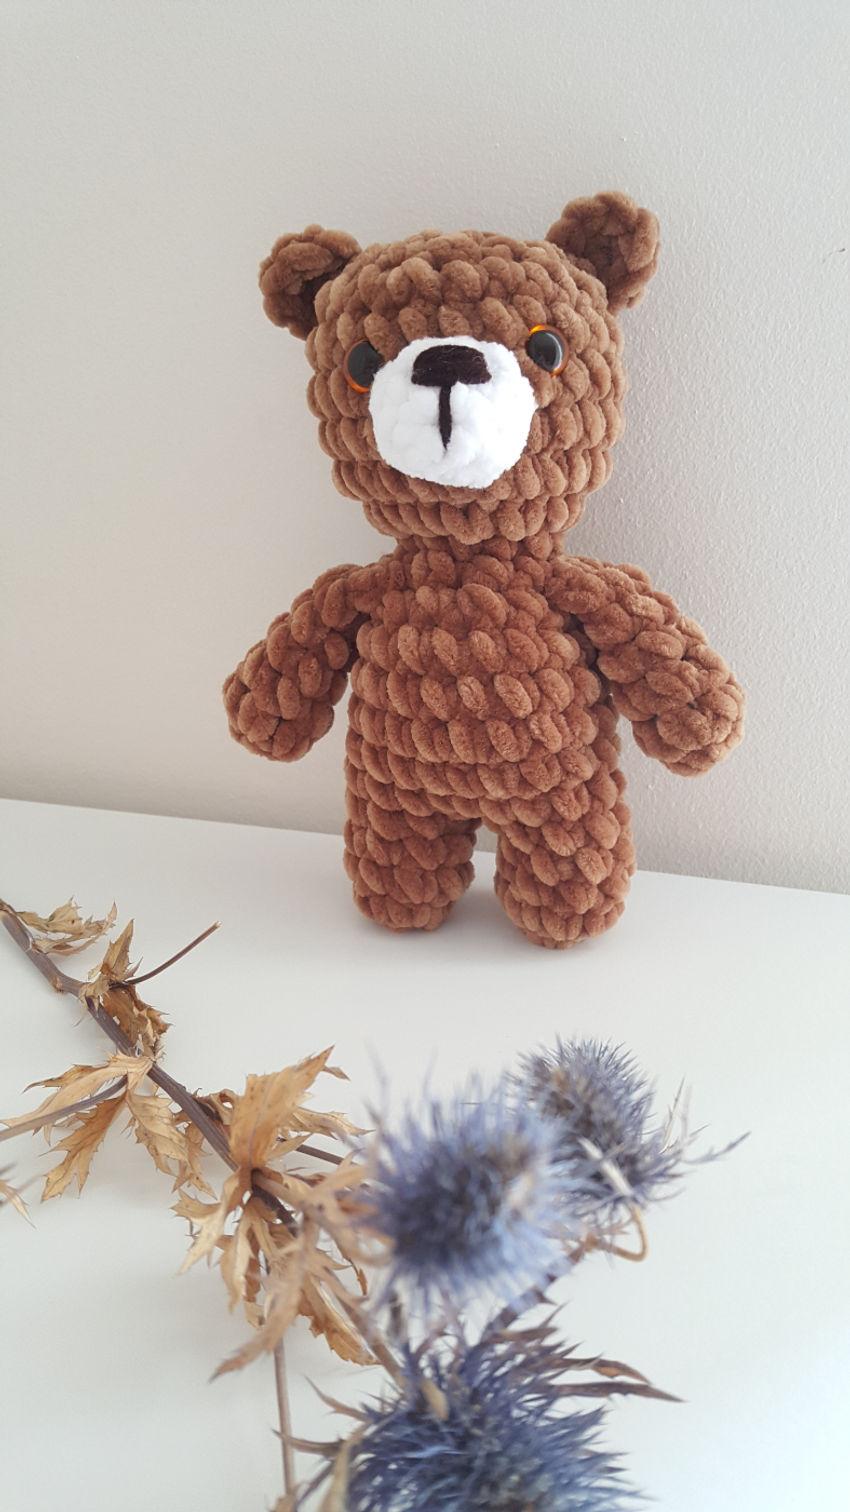 žaislai | minkšti | nertas žaislas meškiukas, 20 cm ilgio. s